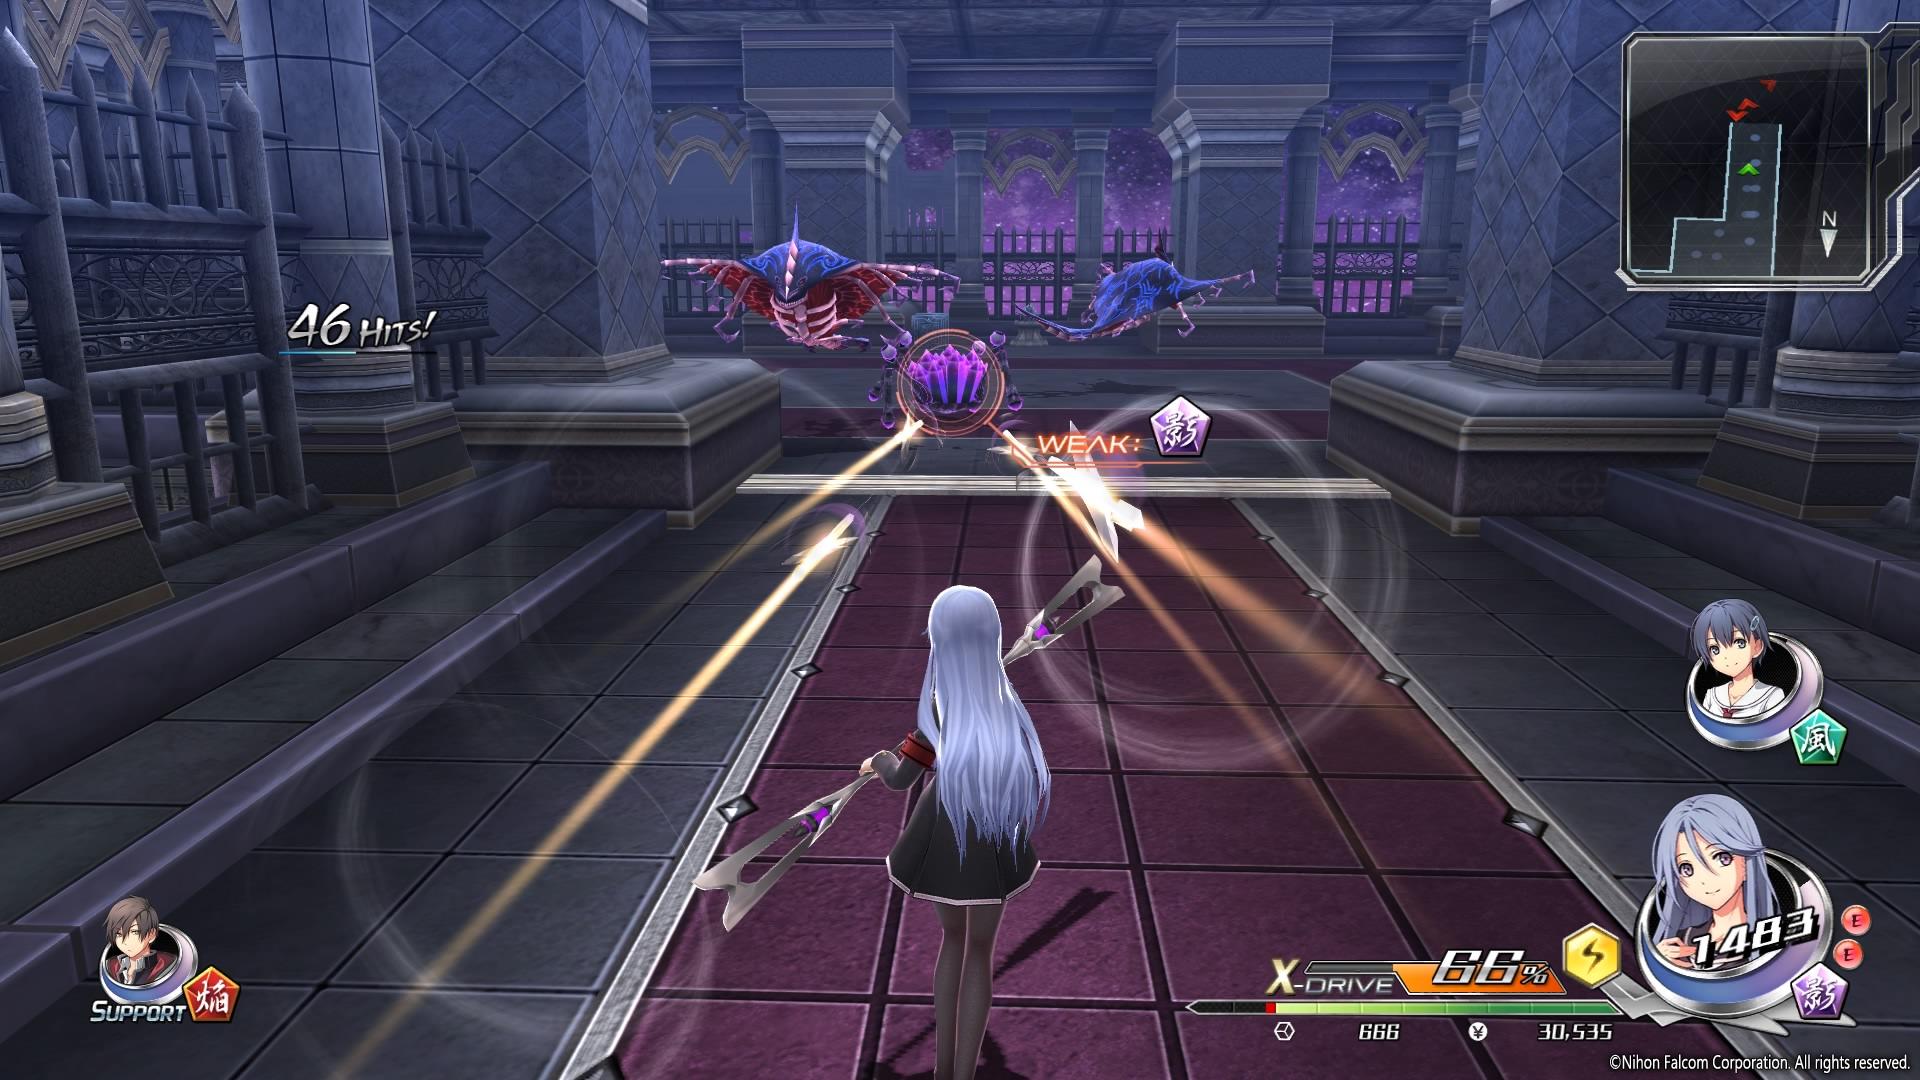 射撃スキルの射程もキャラクターによって大きく変わる。射撃が主力となるシュータータイプのキャラクターも存在